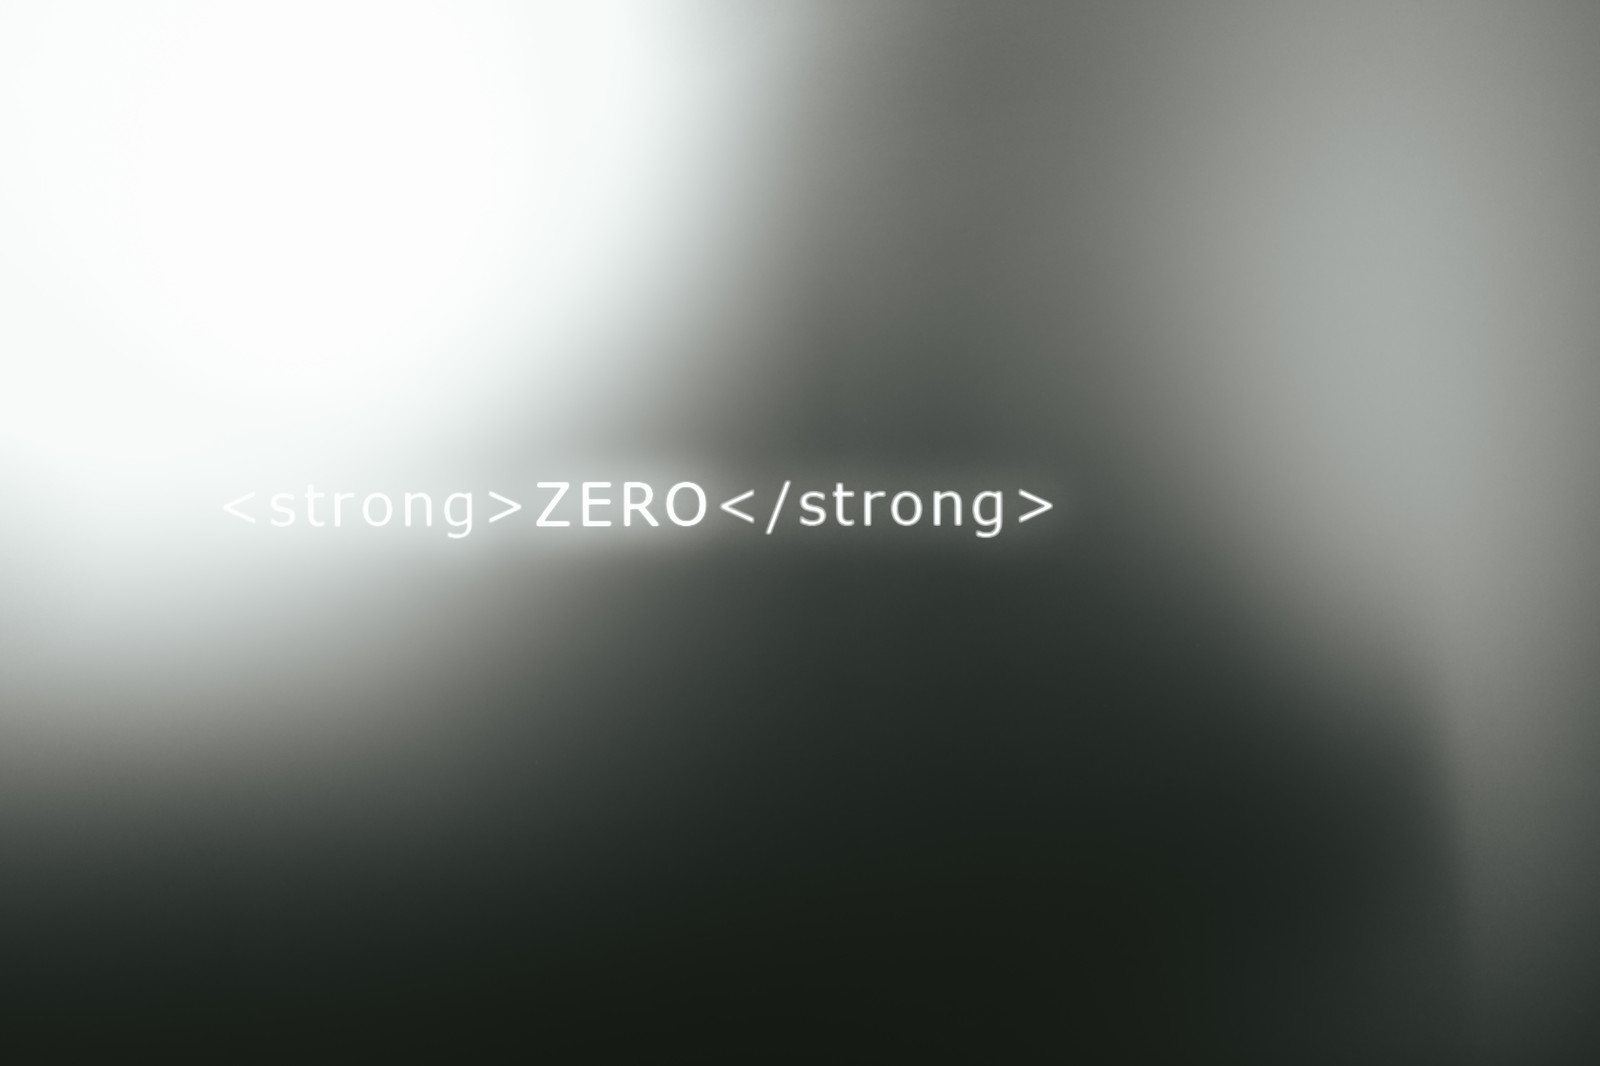 「魅惑のストロングゼロ魅惑のストロングゼロ」のフリー写真素材を拡大